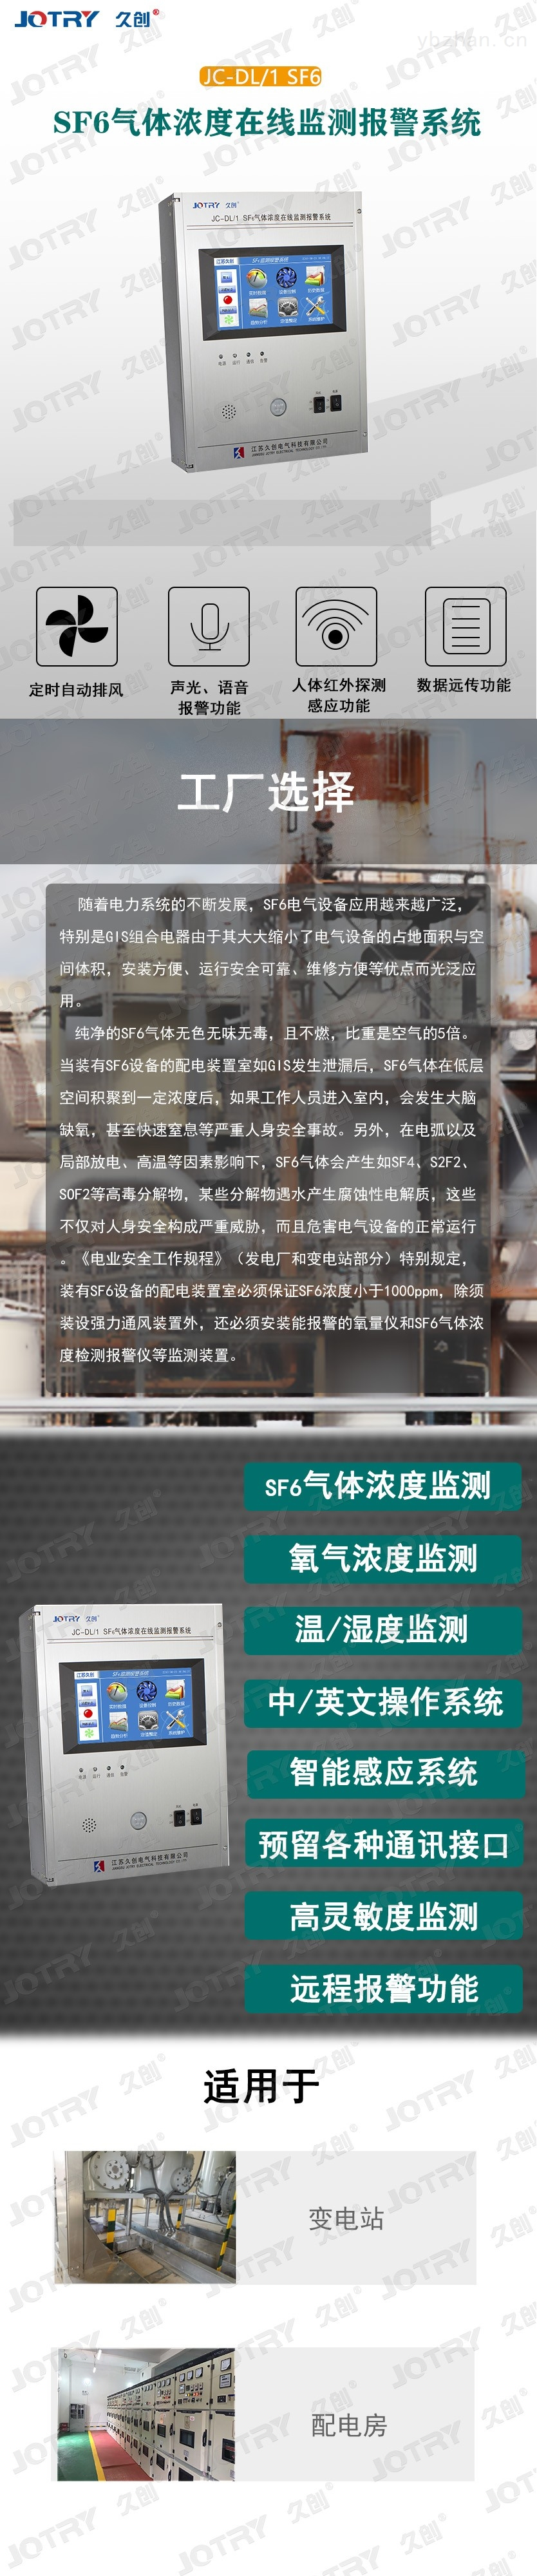 sf6营销网详情页.jpg